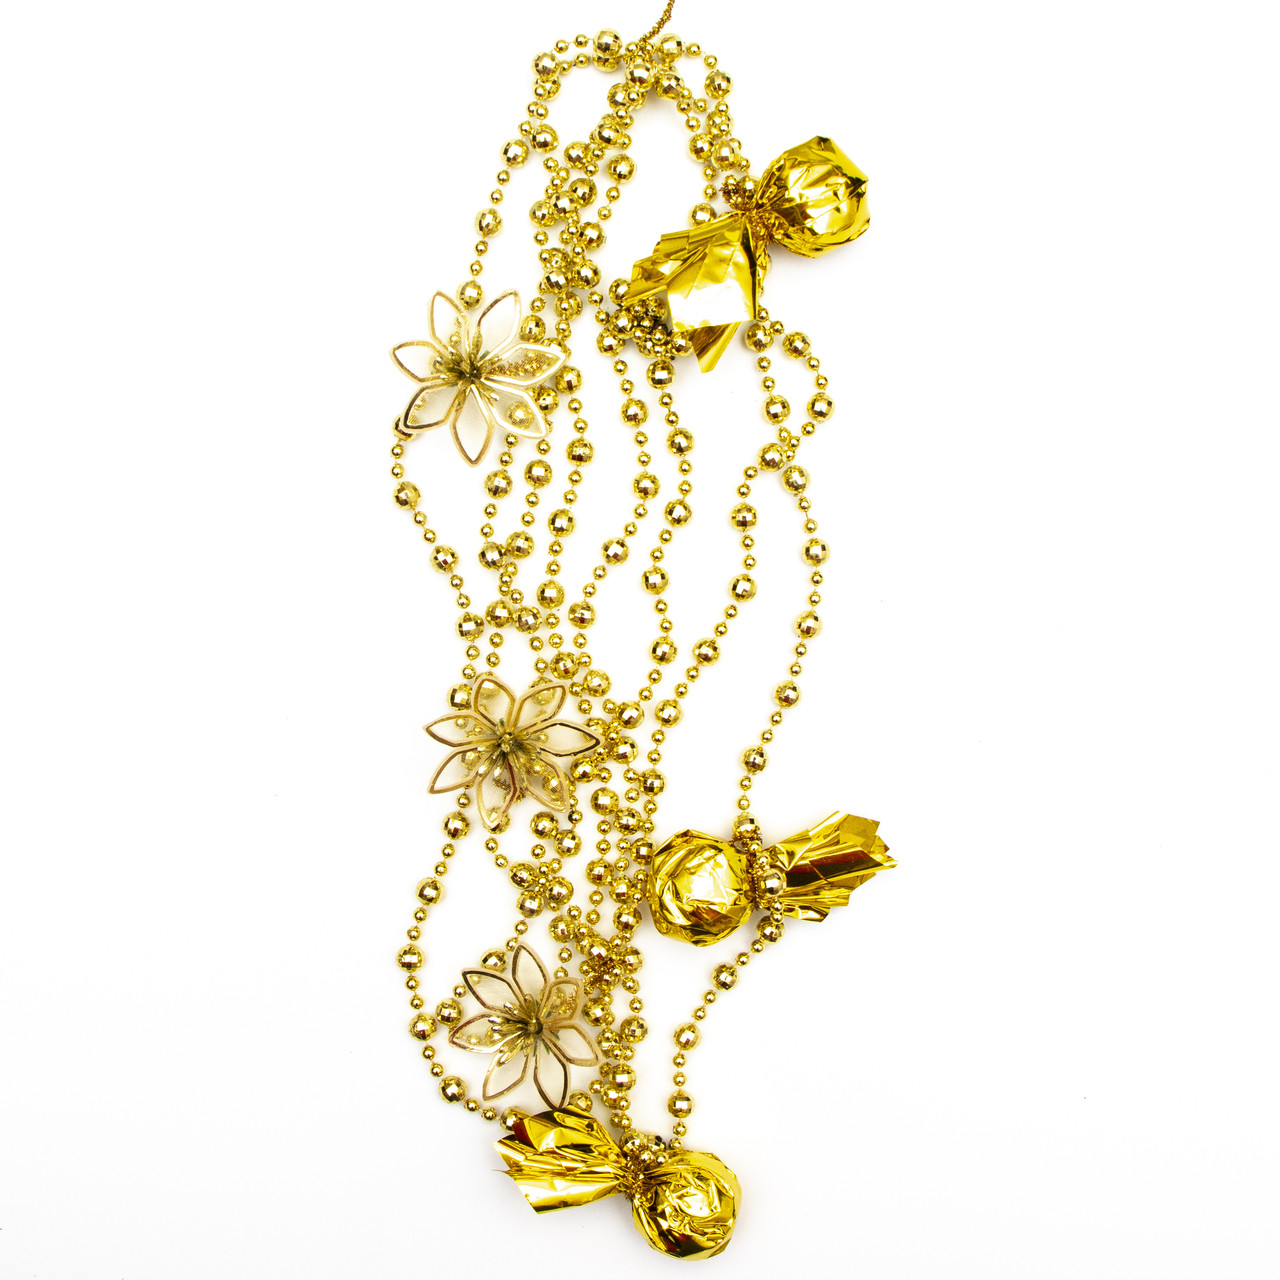 Декорация - подвеска с украшениями, 2,7 м, золото (472109-2)